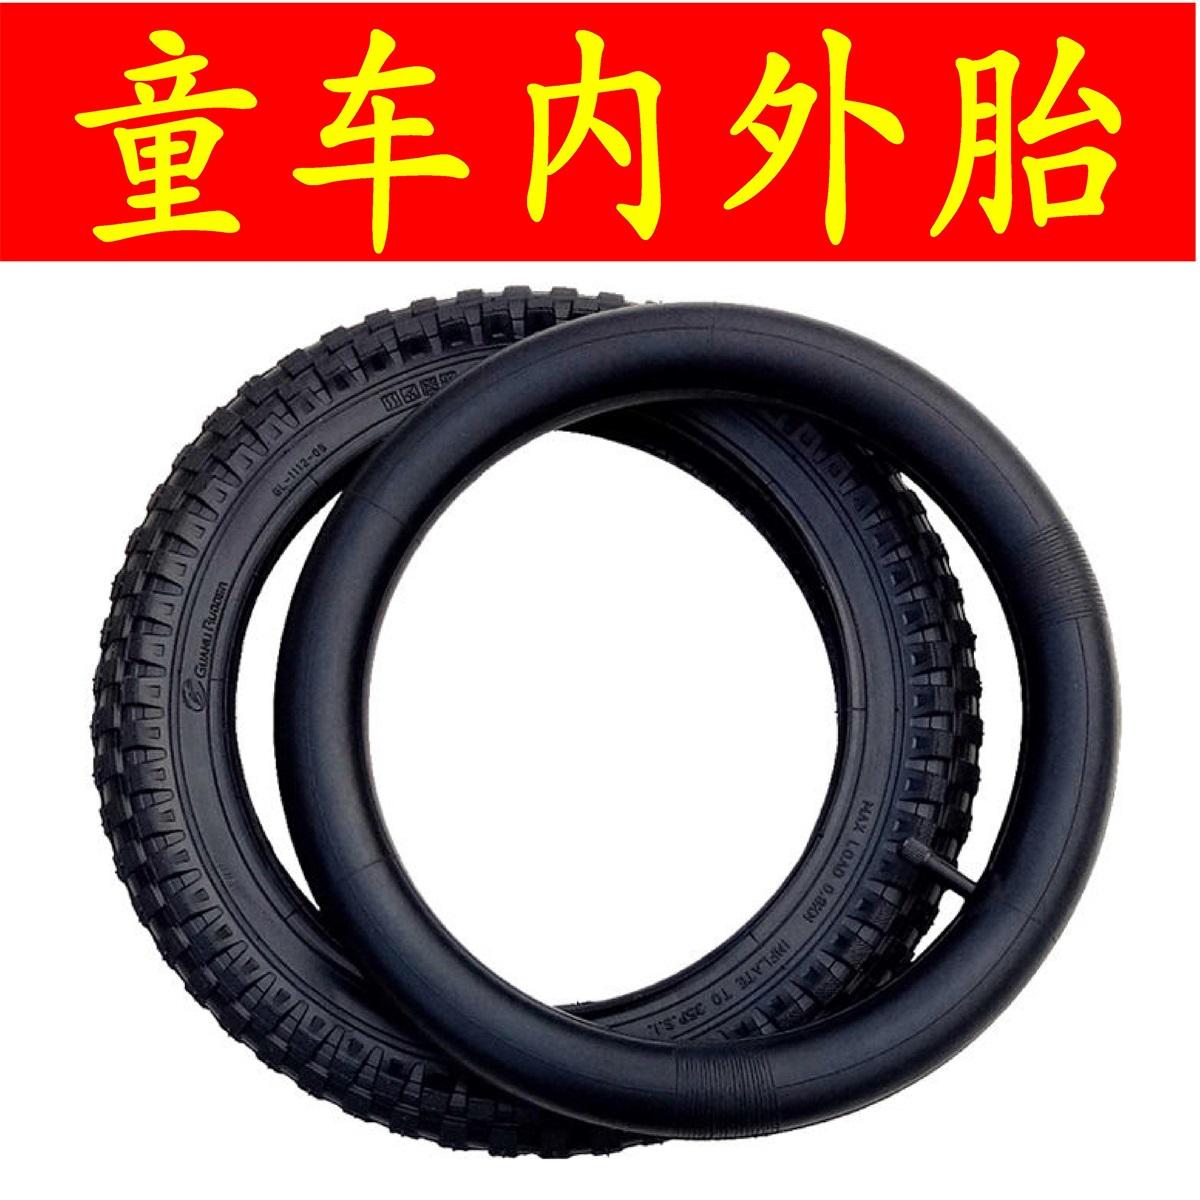 儿童自行车轮胎12/14/16/18寸1.95、2.125单车内胎外胎带童车配件